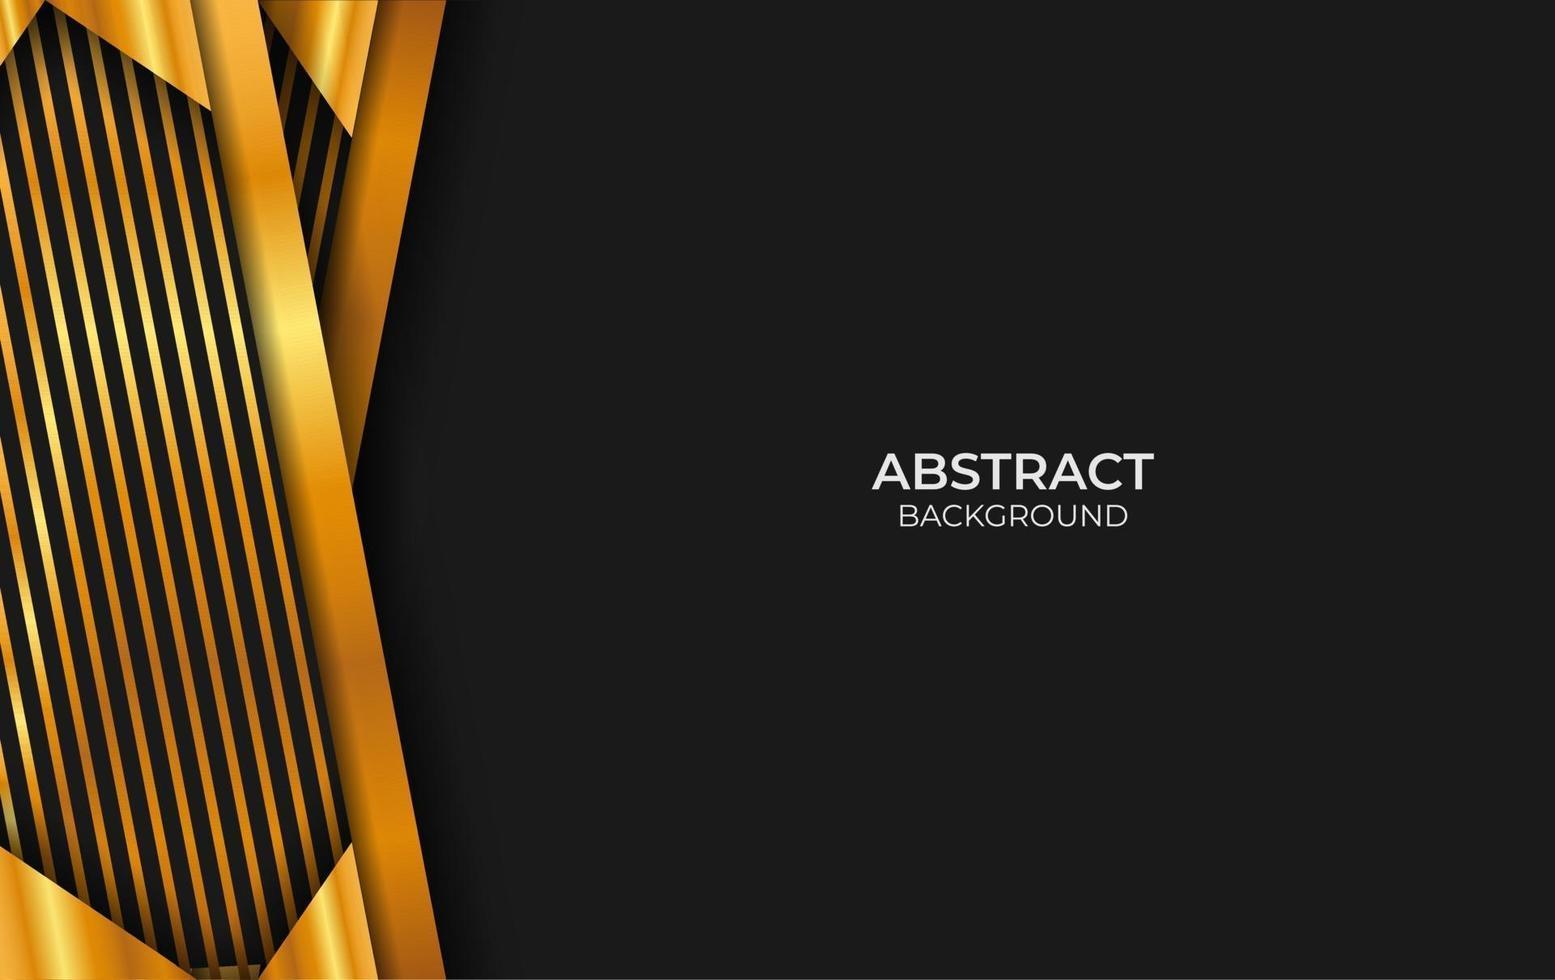 fond abstrait noir et or de luxe vecteur